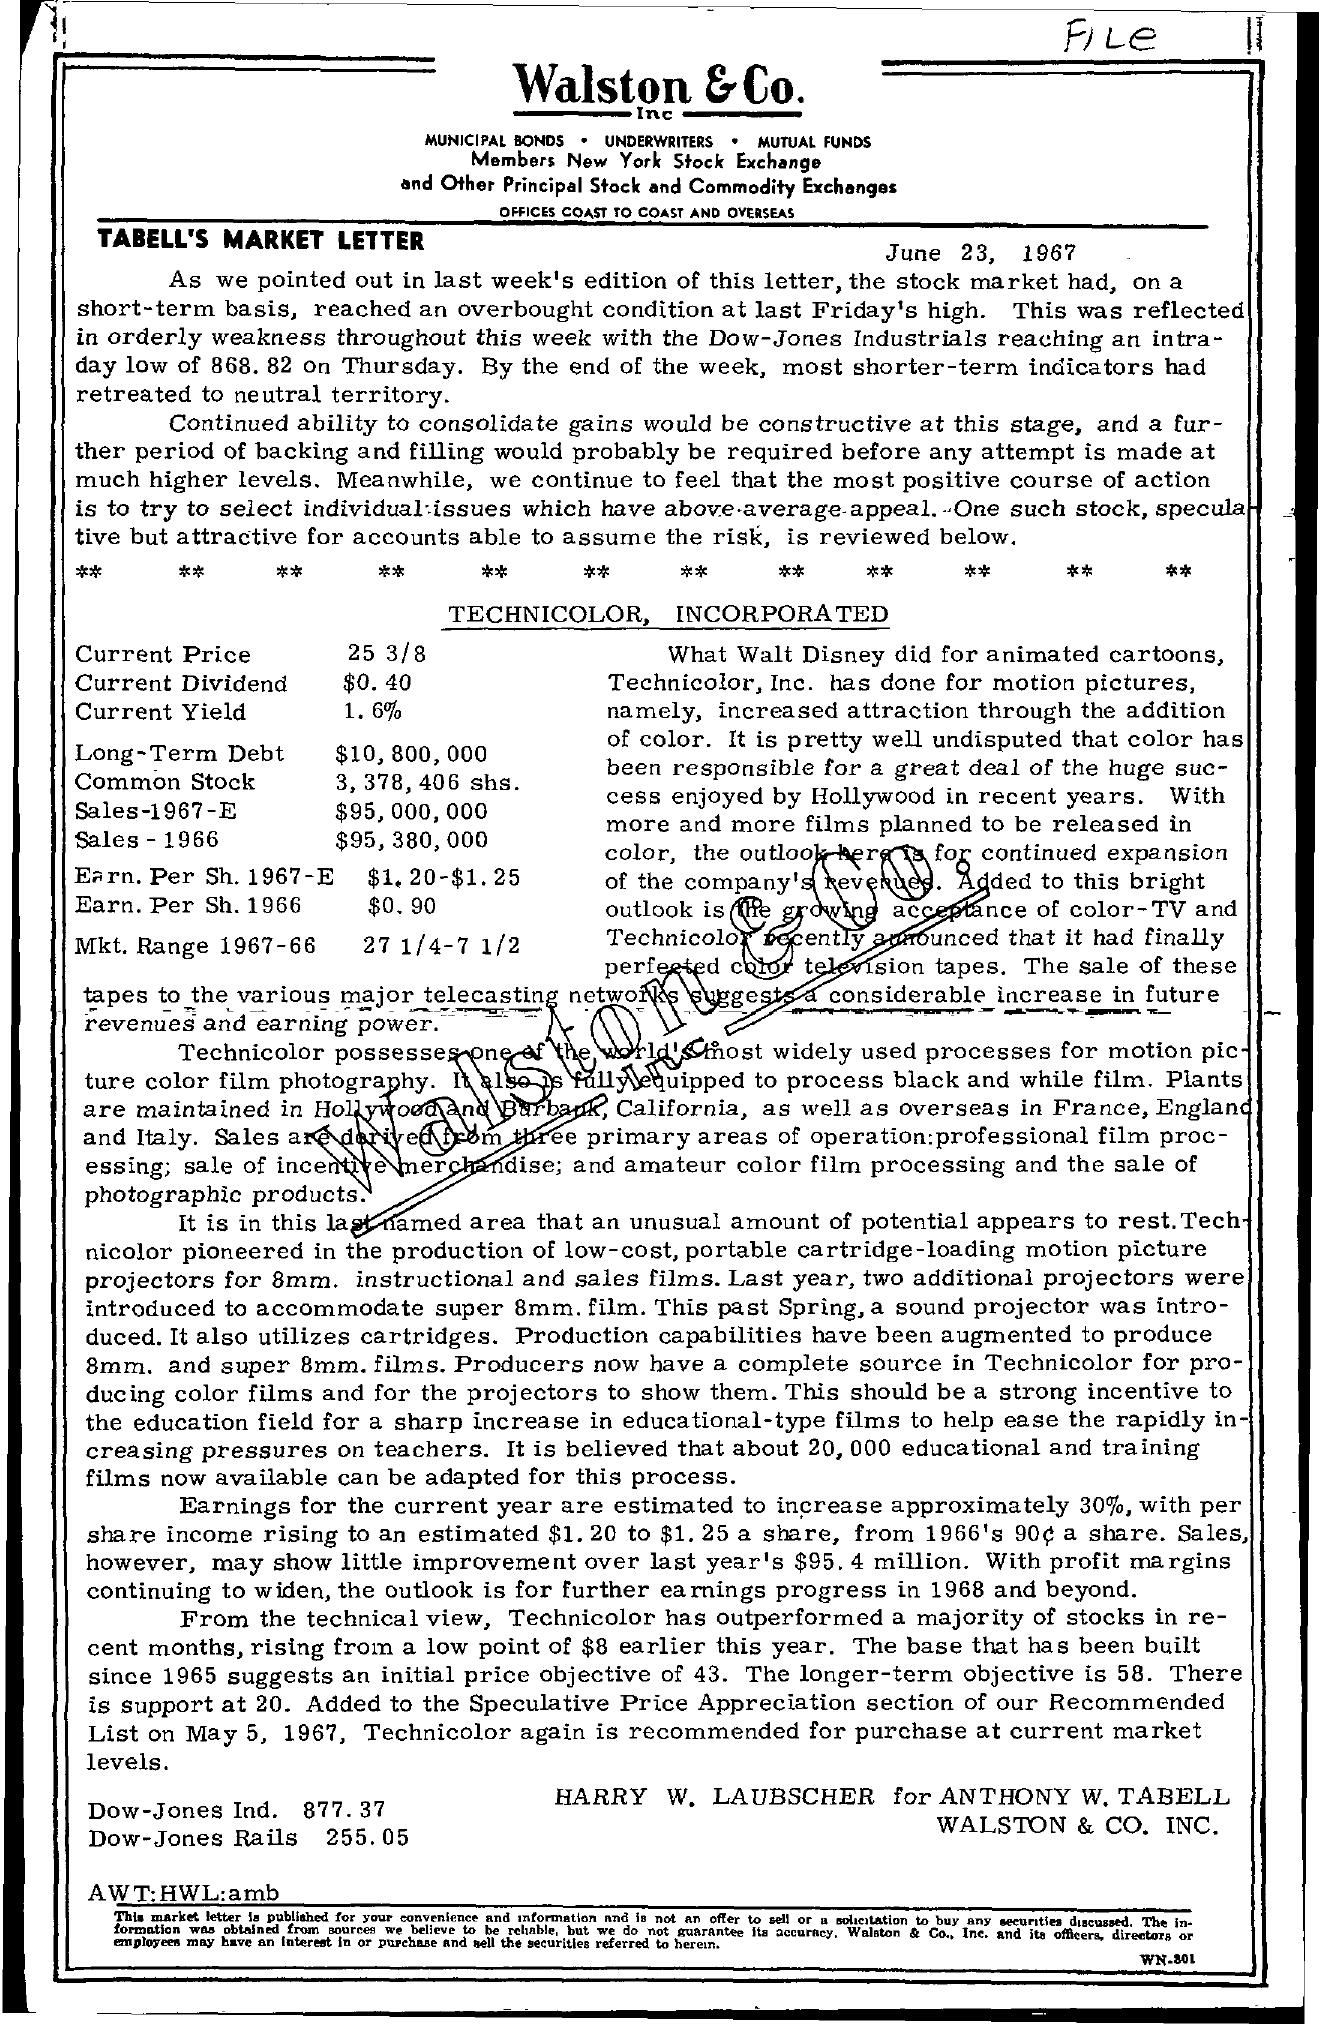 Tabell's Market Letter - June 23, 1967